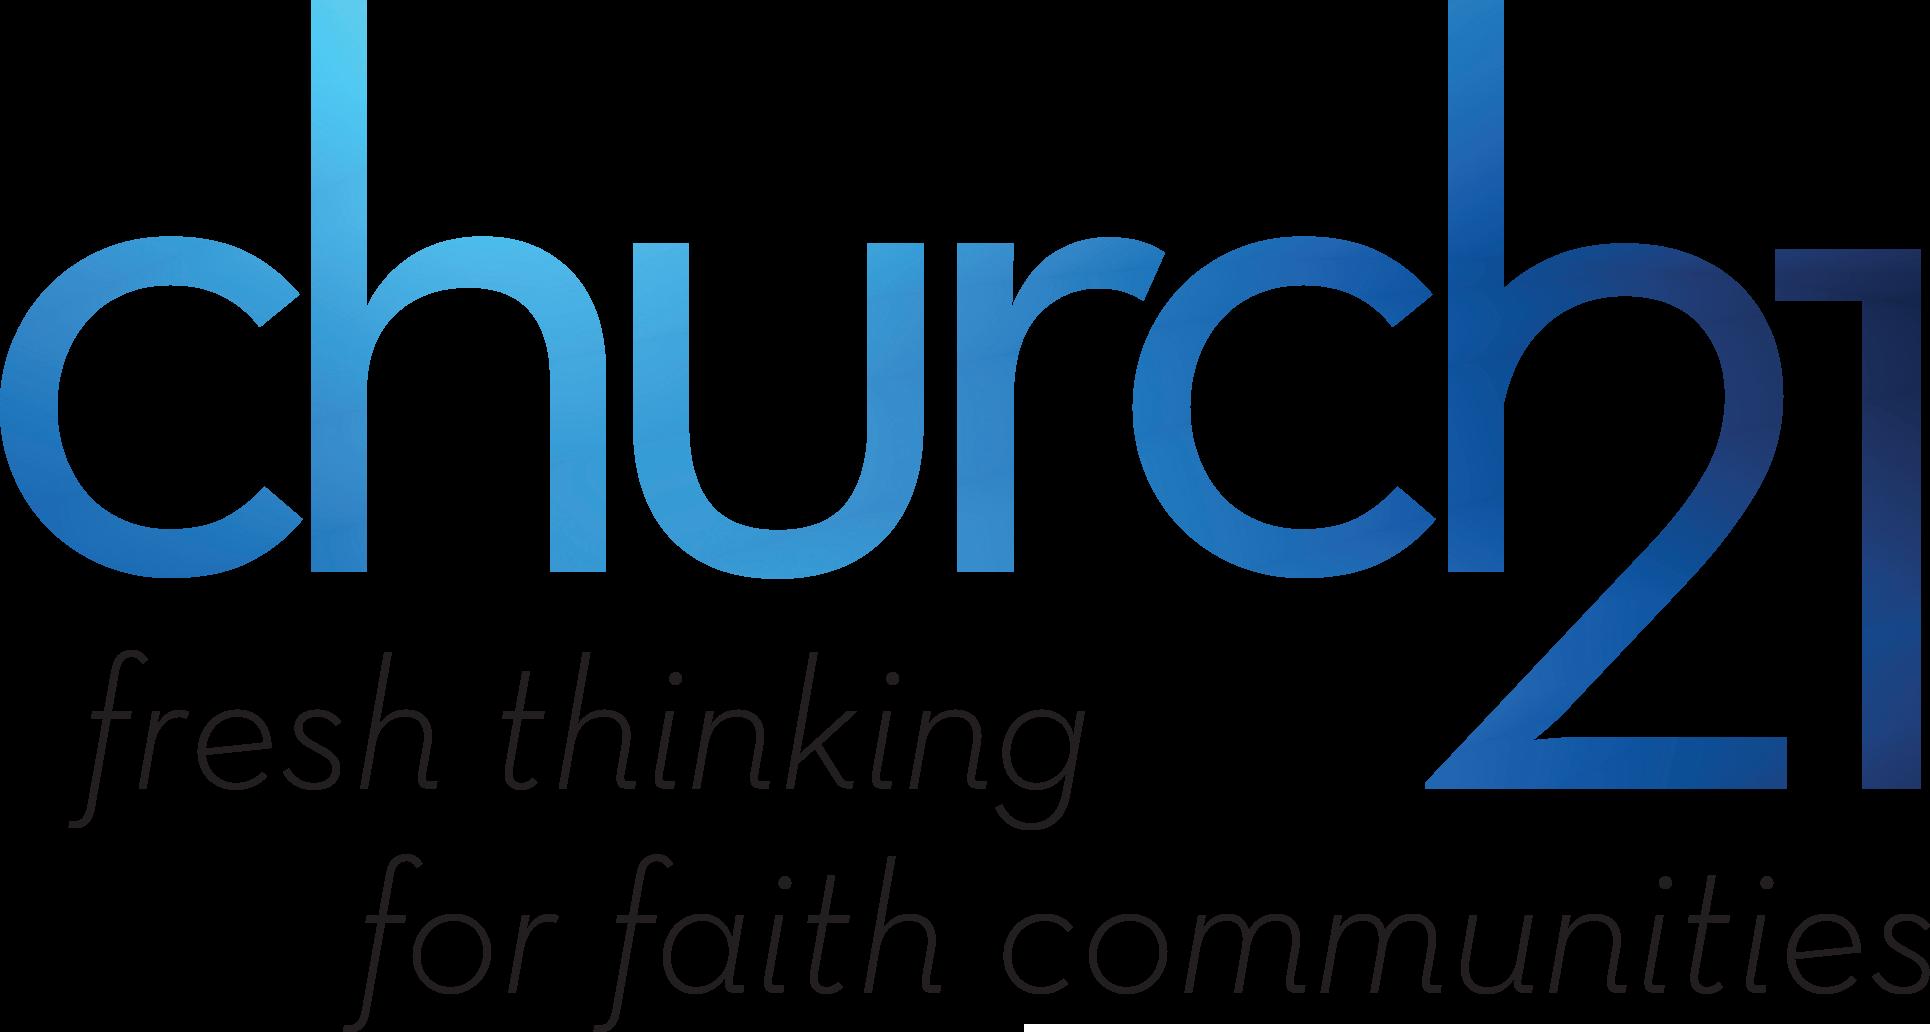 Church21-logo-Color